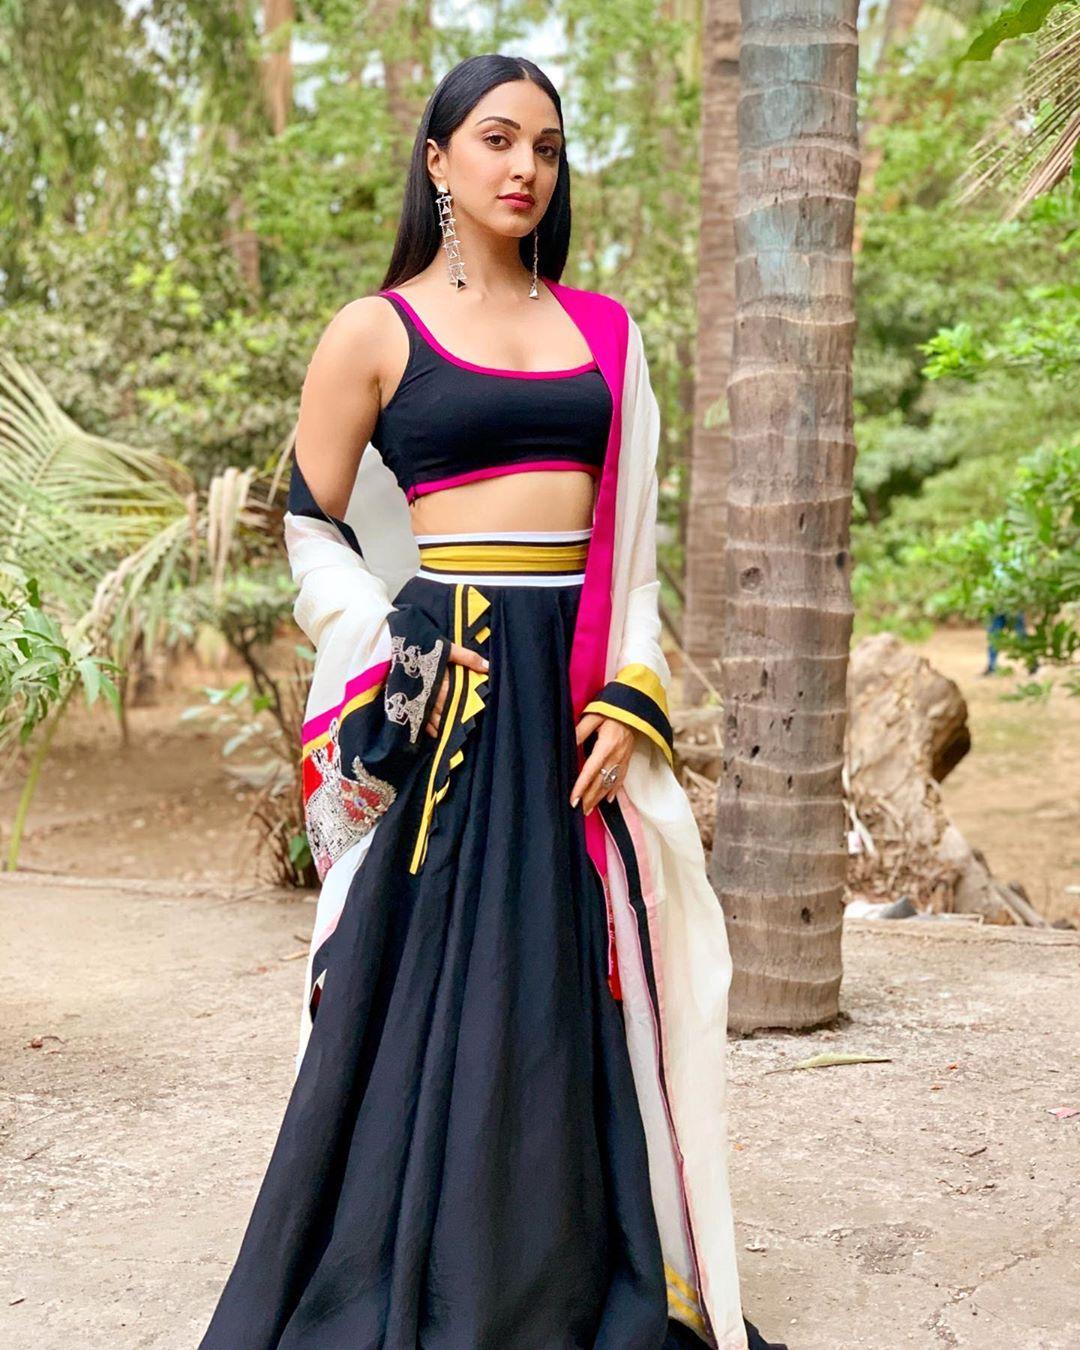 అదరగొడుతోన్న కియారా అద్వానీ లేటెస్ట్ ఫోటో షూట్ Photo: Instagram/kiaraaliaadvani